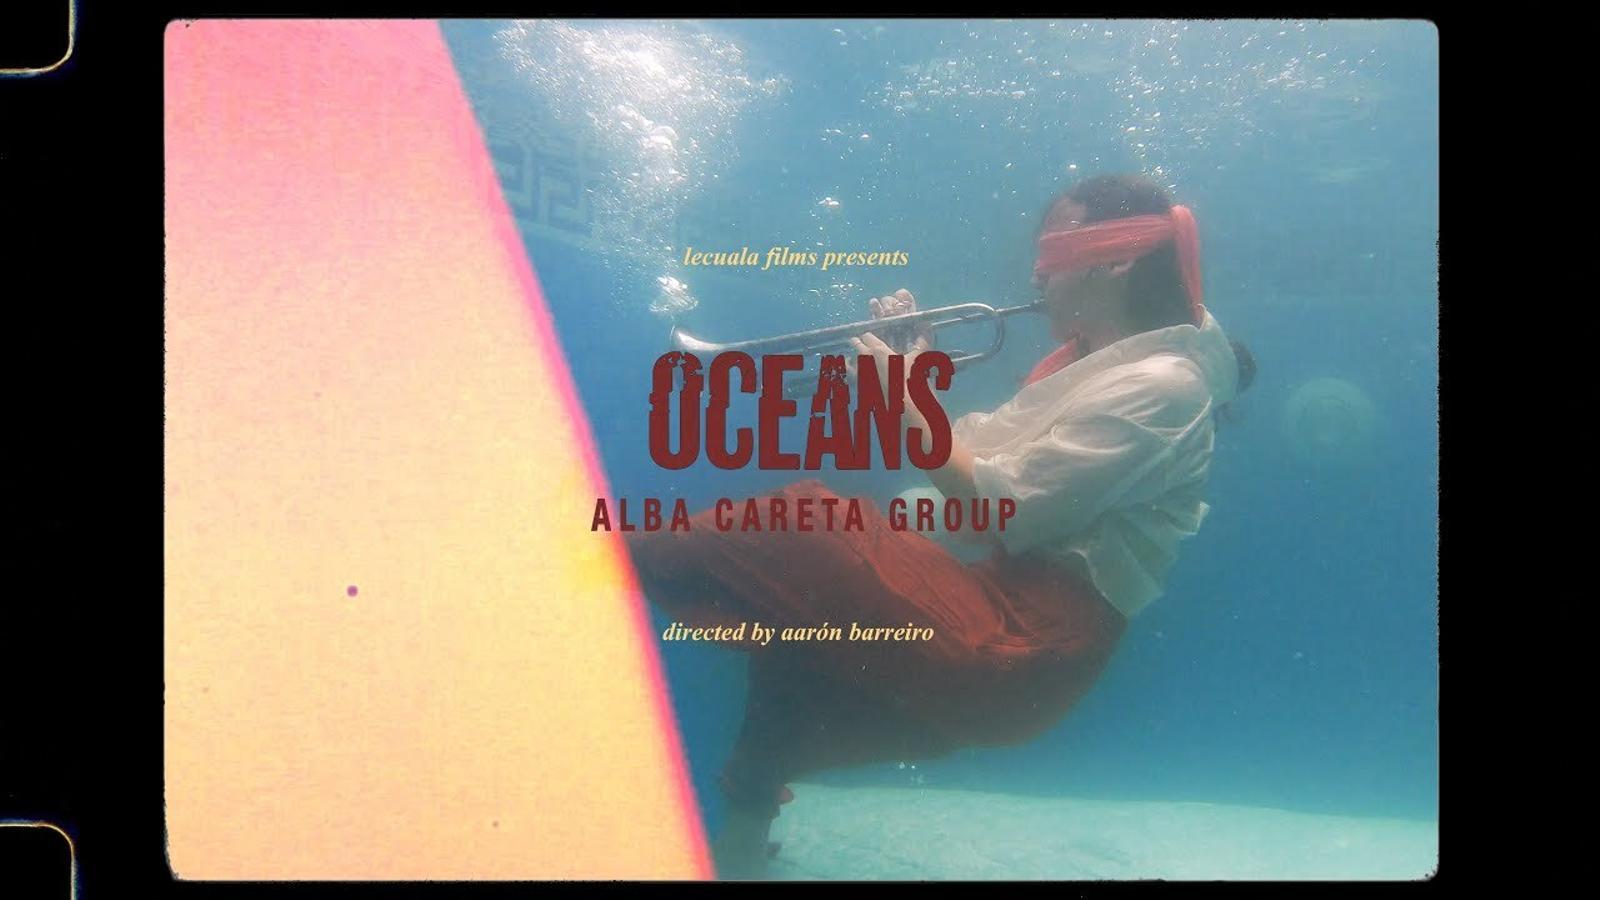 Alba Careta, 'Oceans', videoclip